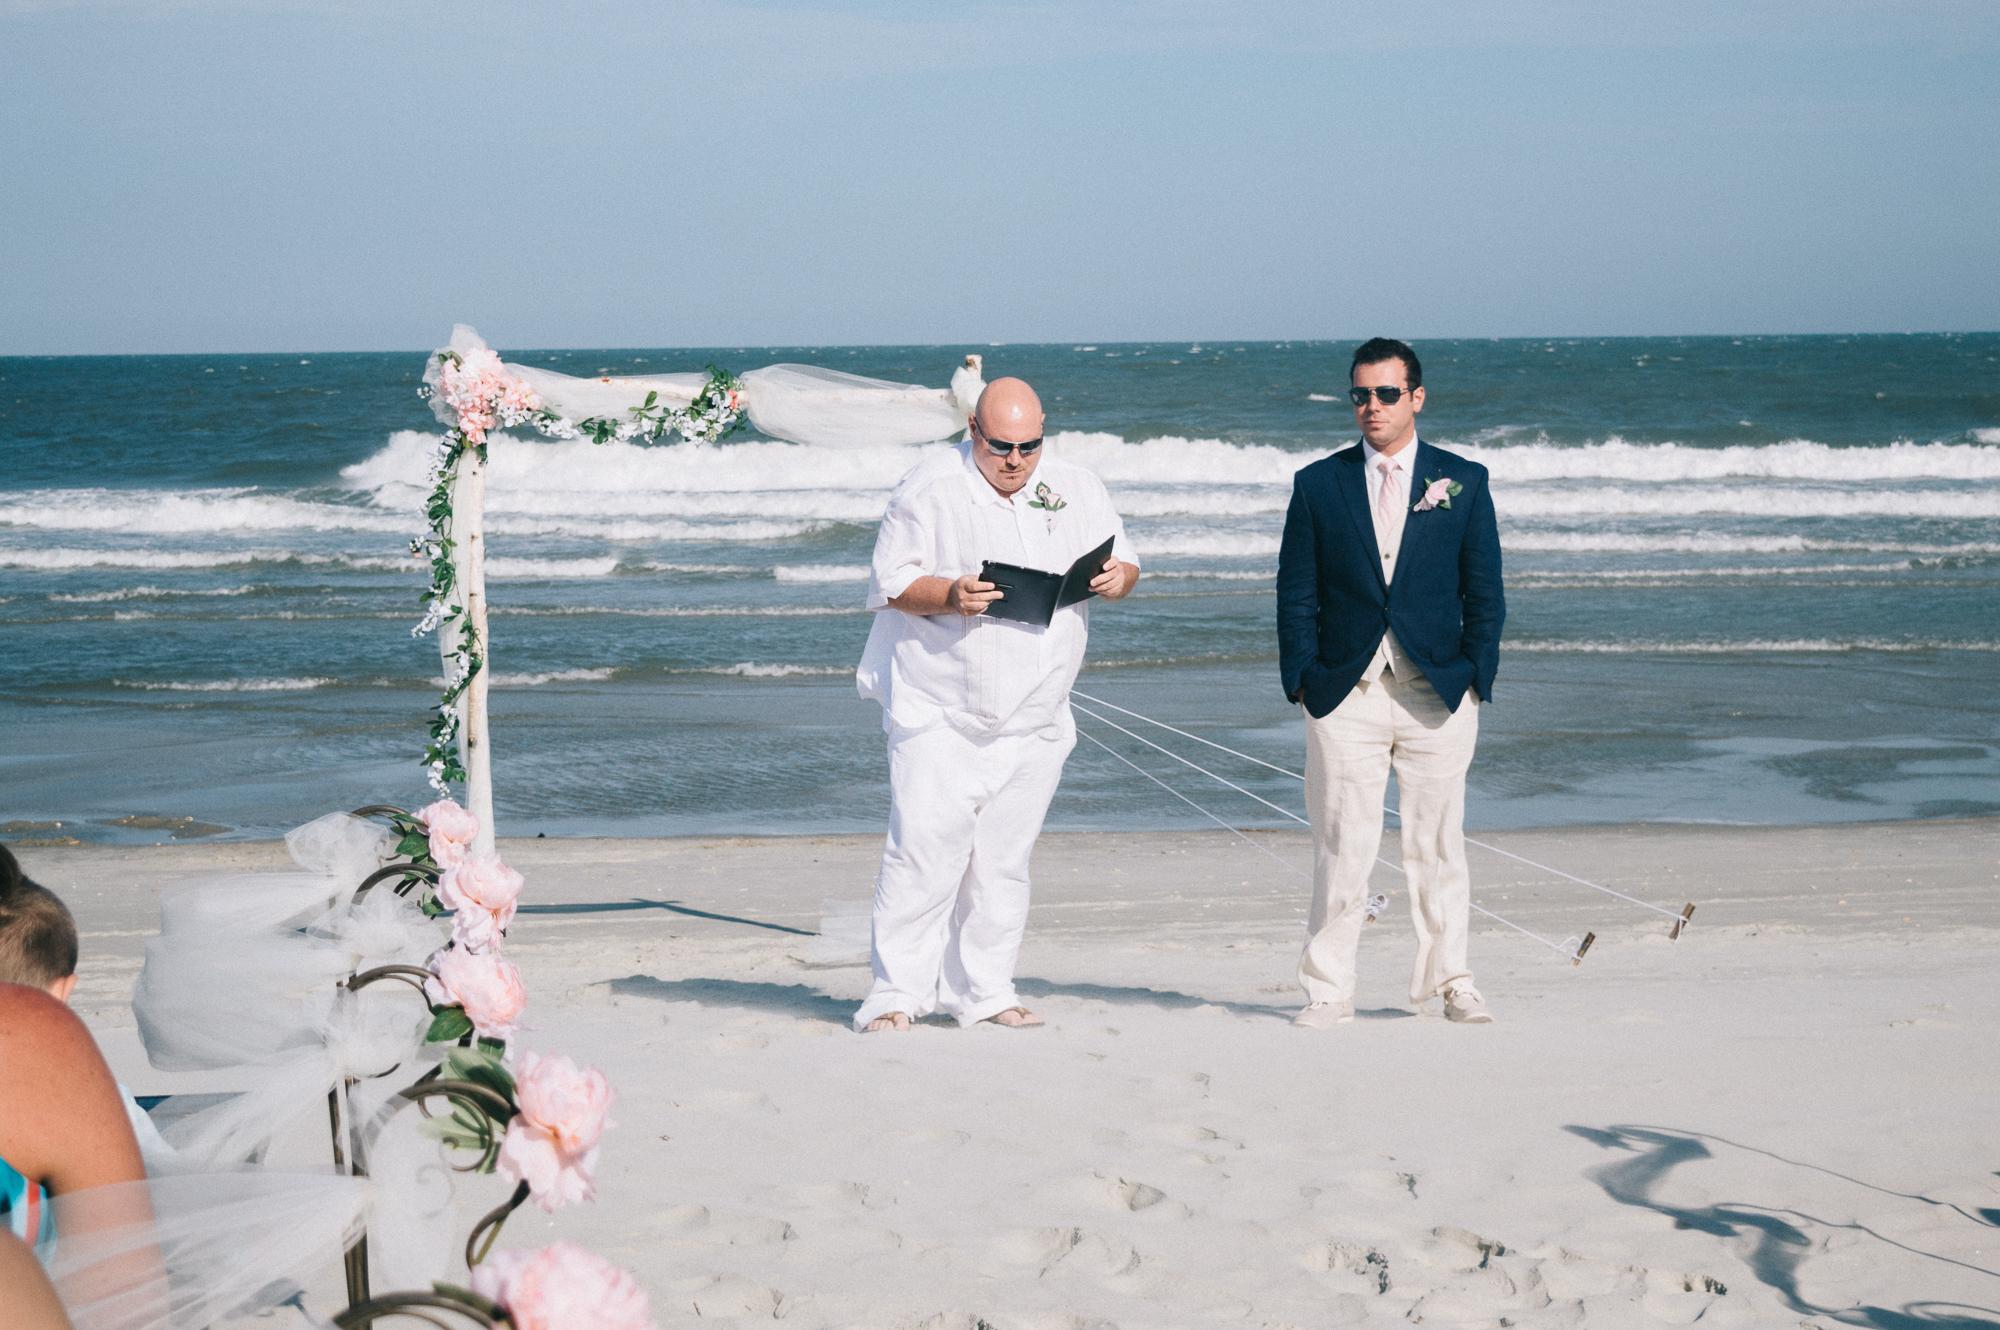 Trisha-Ryan-wedding-blog-20.jpg